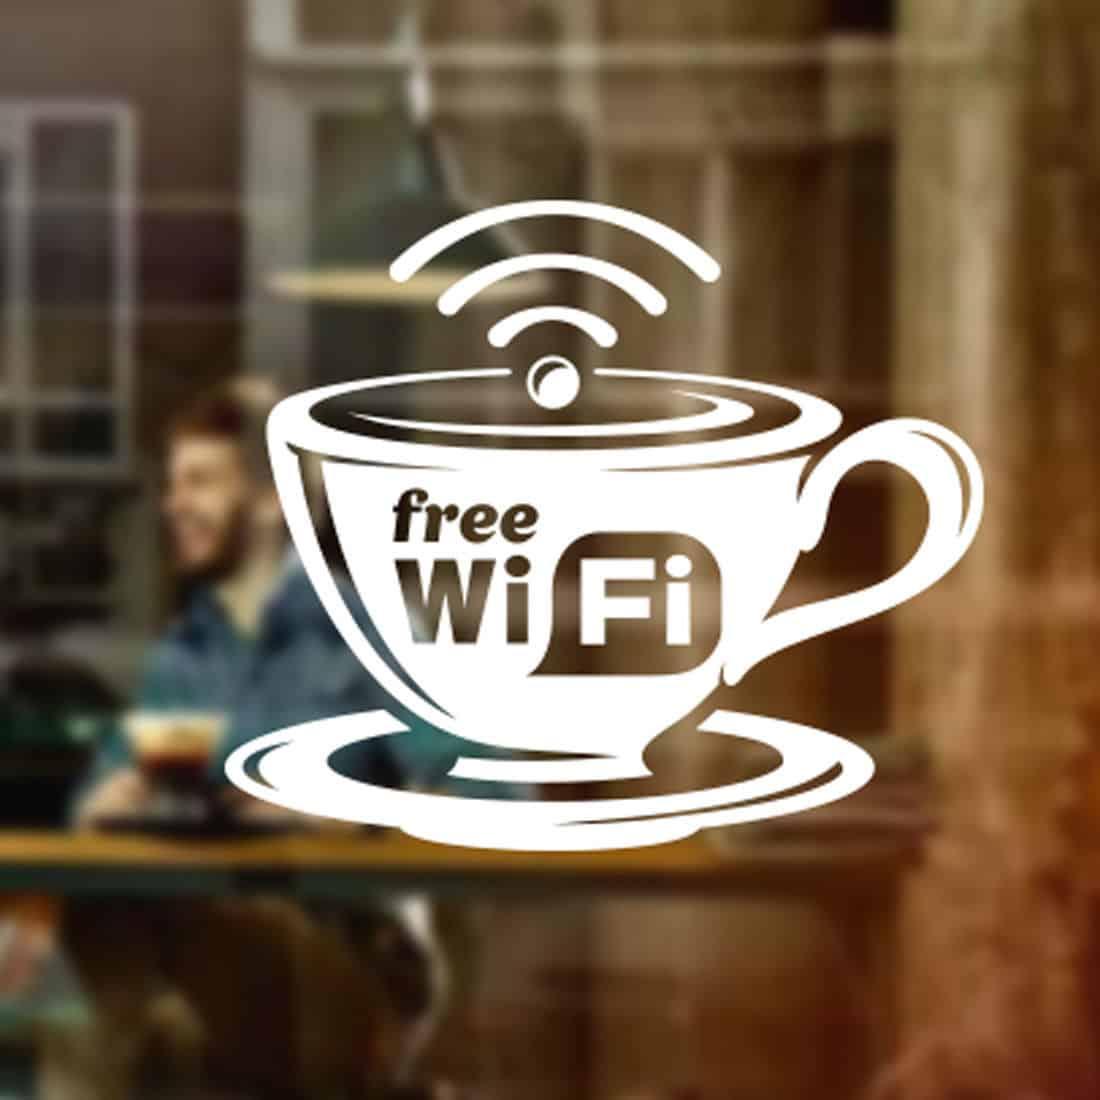 cafe wifi